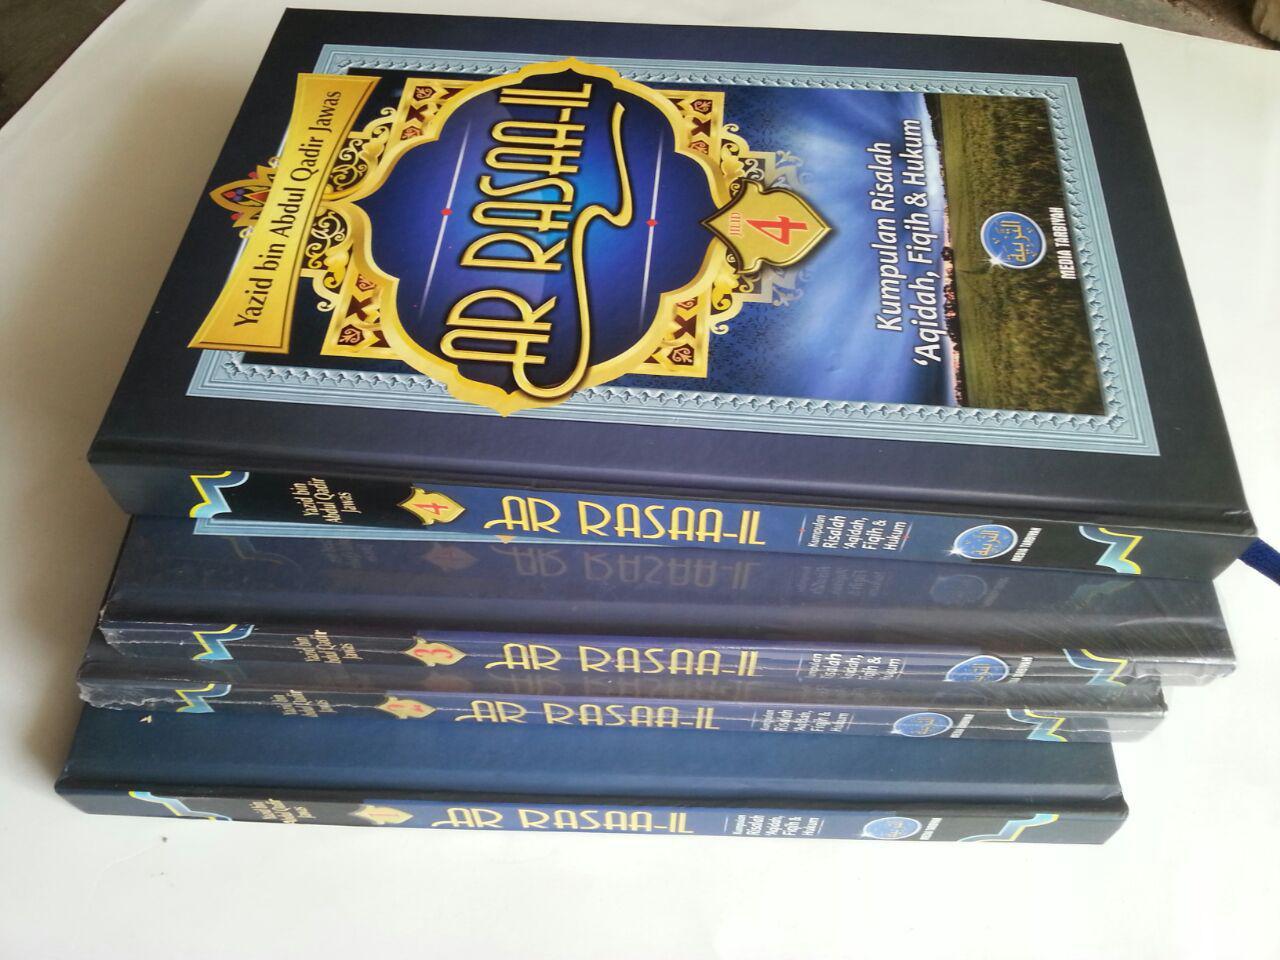 Buku Ar Rasaa-il Kumpulan Risalah Aqidah Fiqih Dan Hukum cover 4